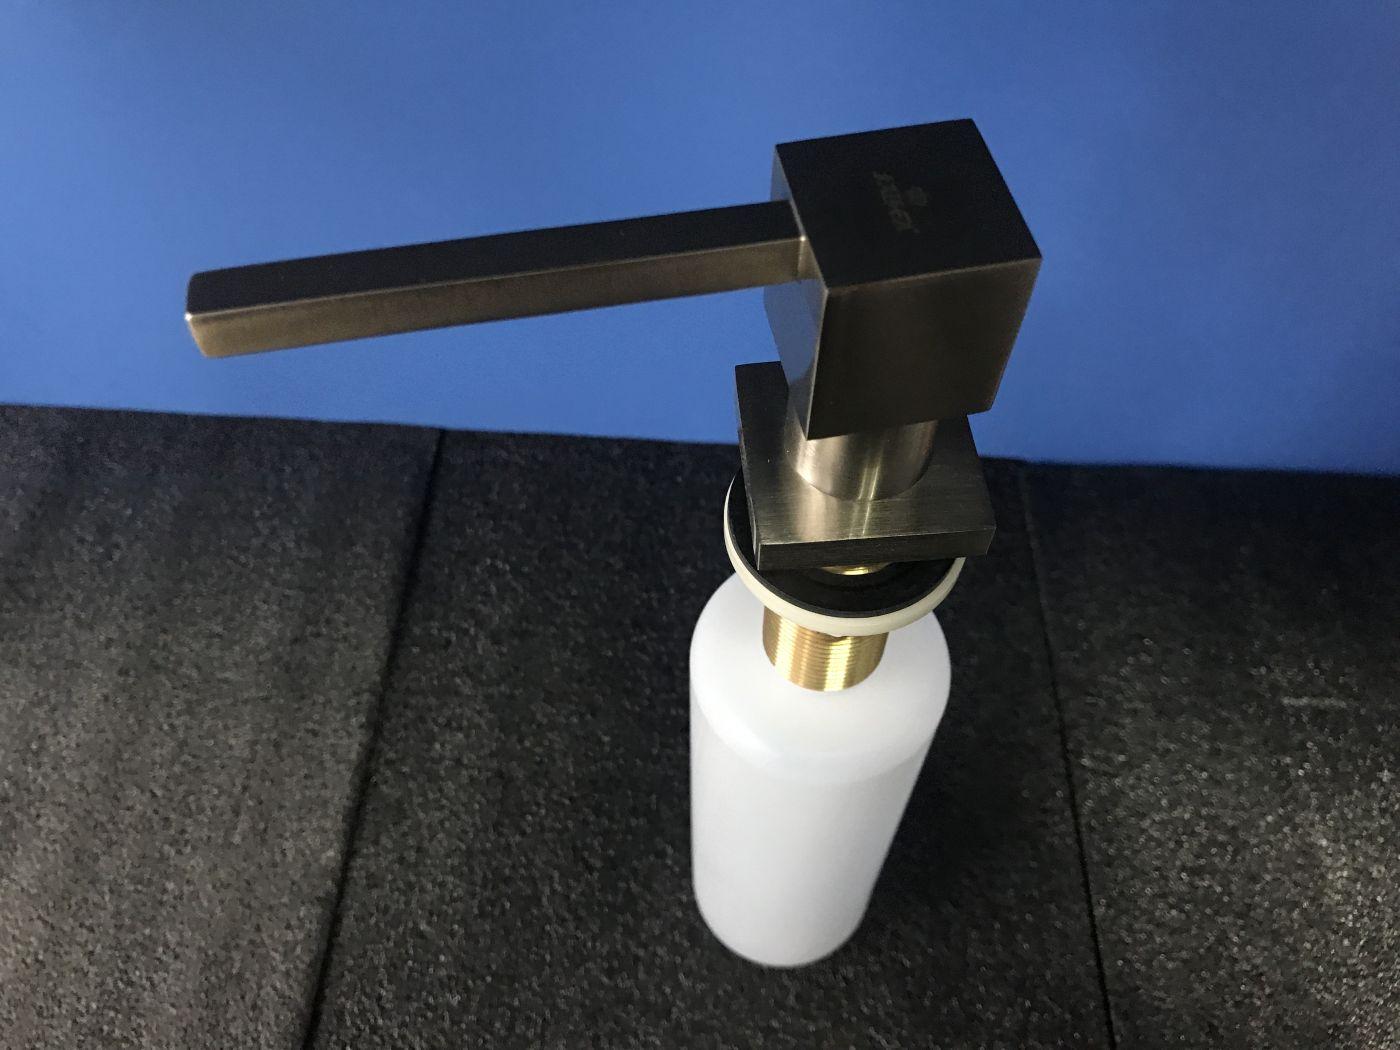 Kaiser KH-3025 Дозатор для моющих средств встраиваемый в мойку